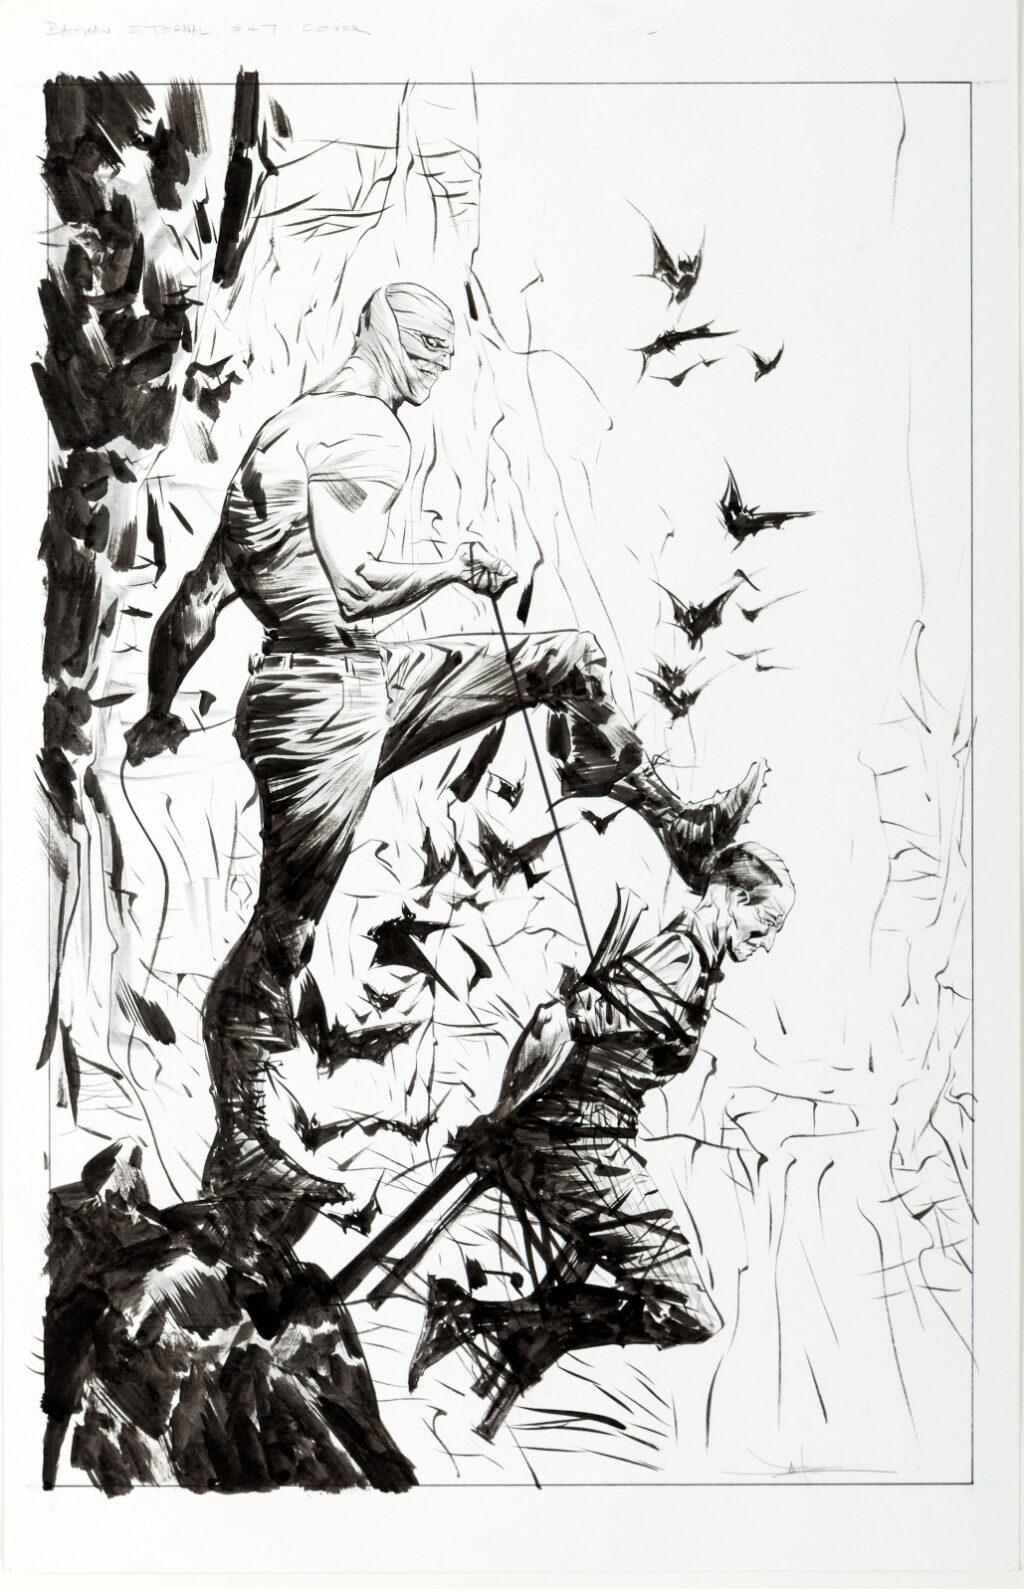 Batman Eternal issue 47 cover by Jae Lee